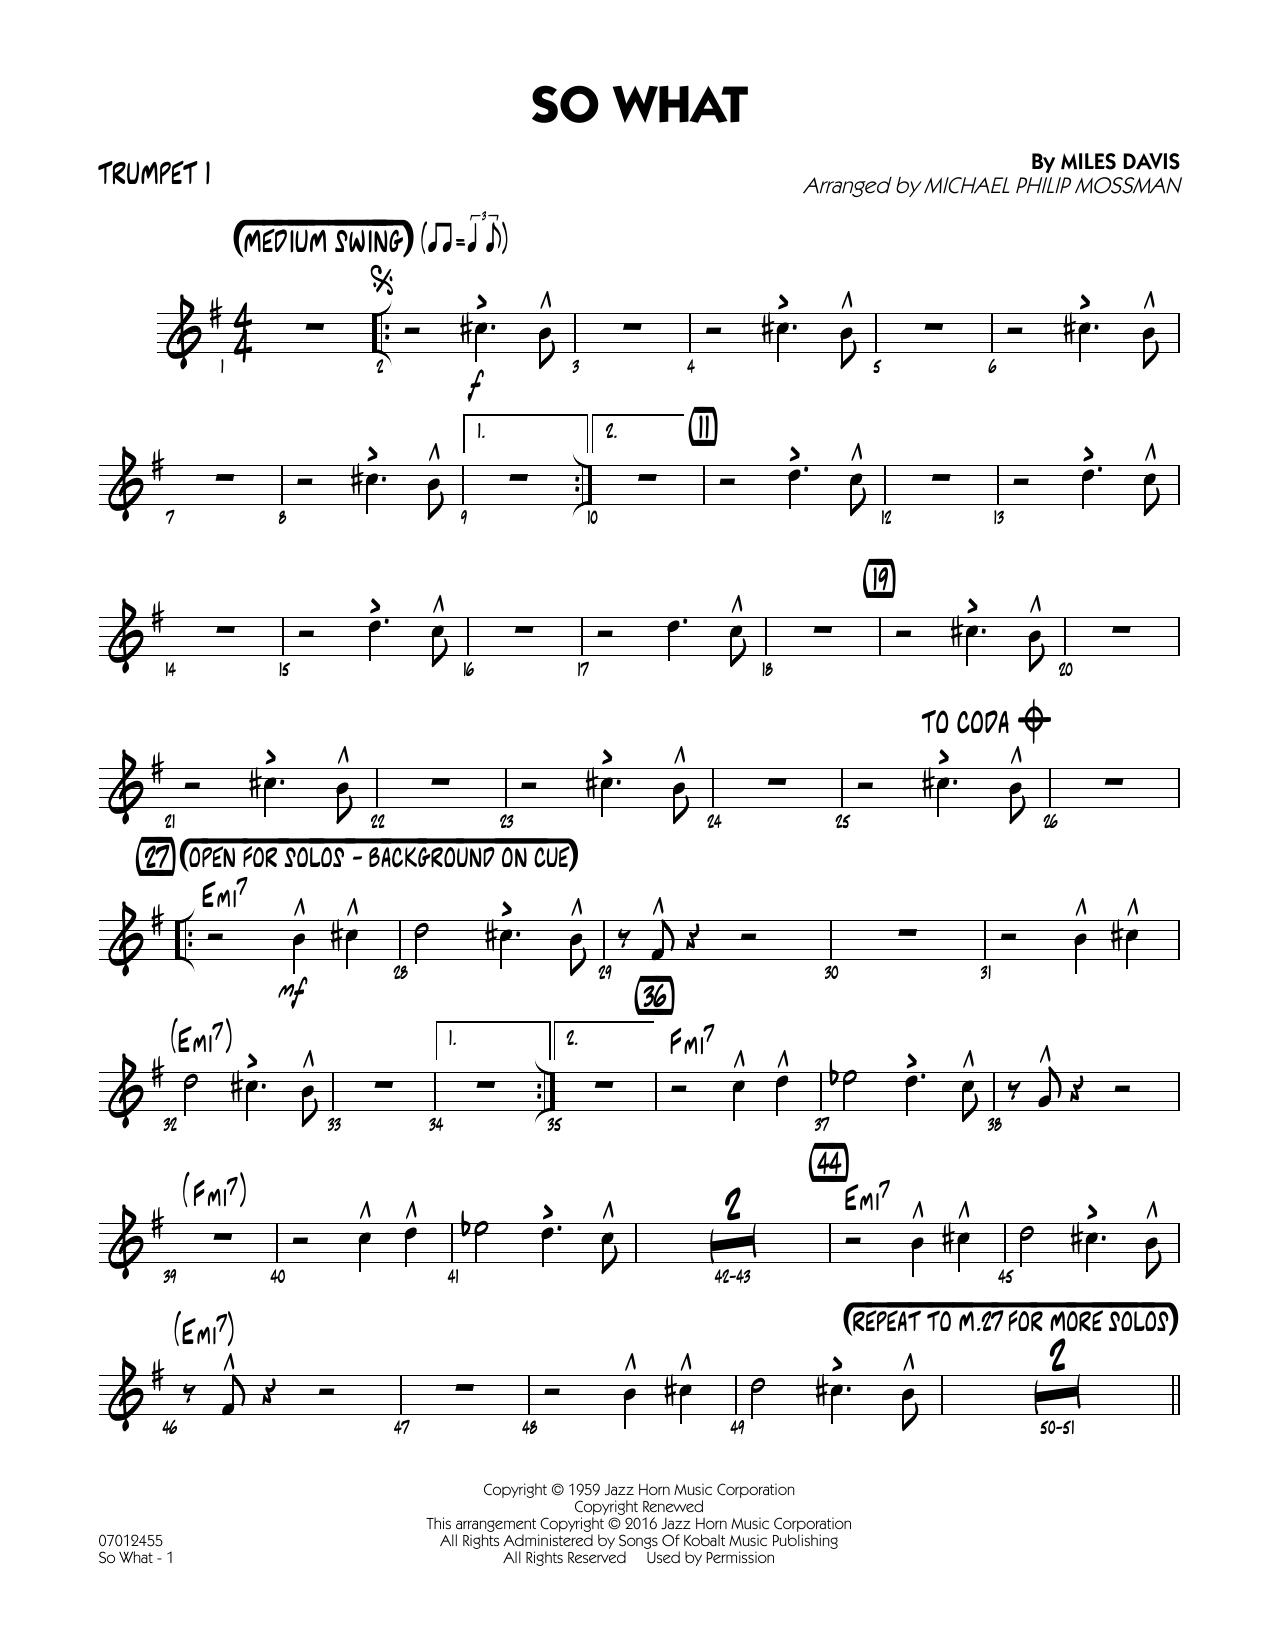 Miles Davis - So What - Trumpet 1